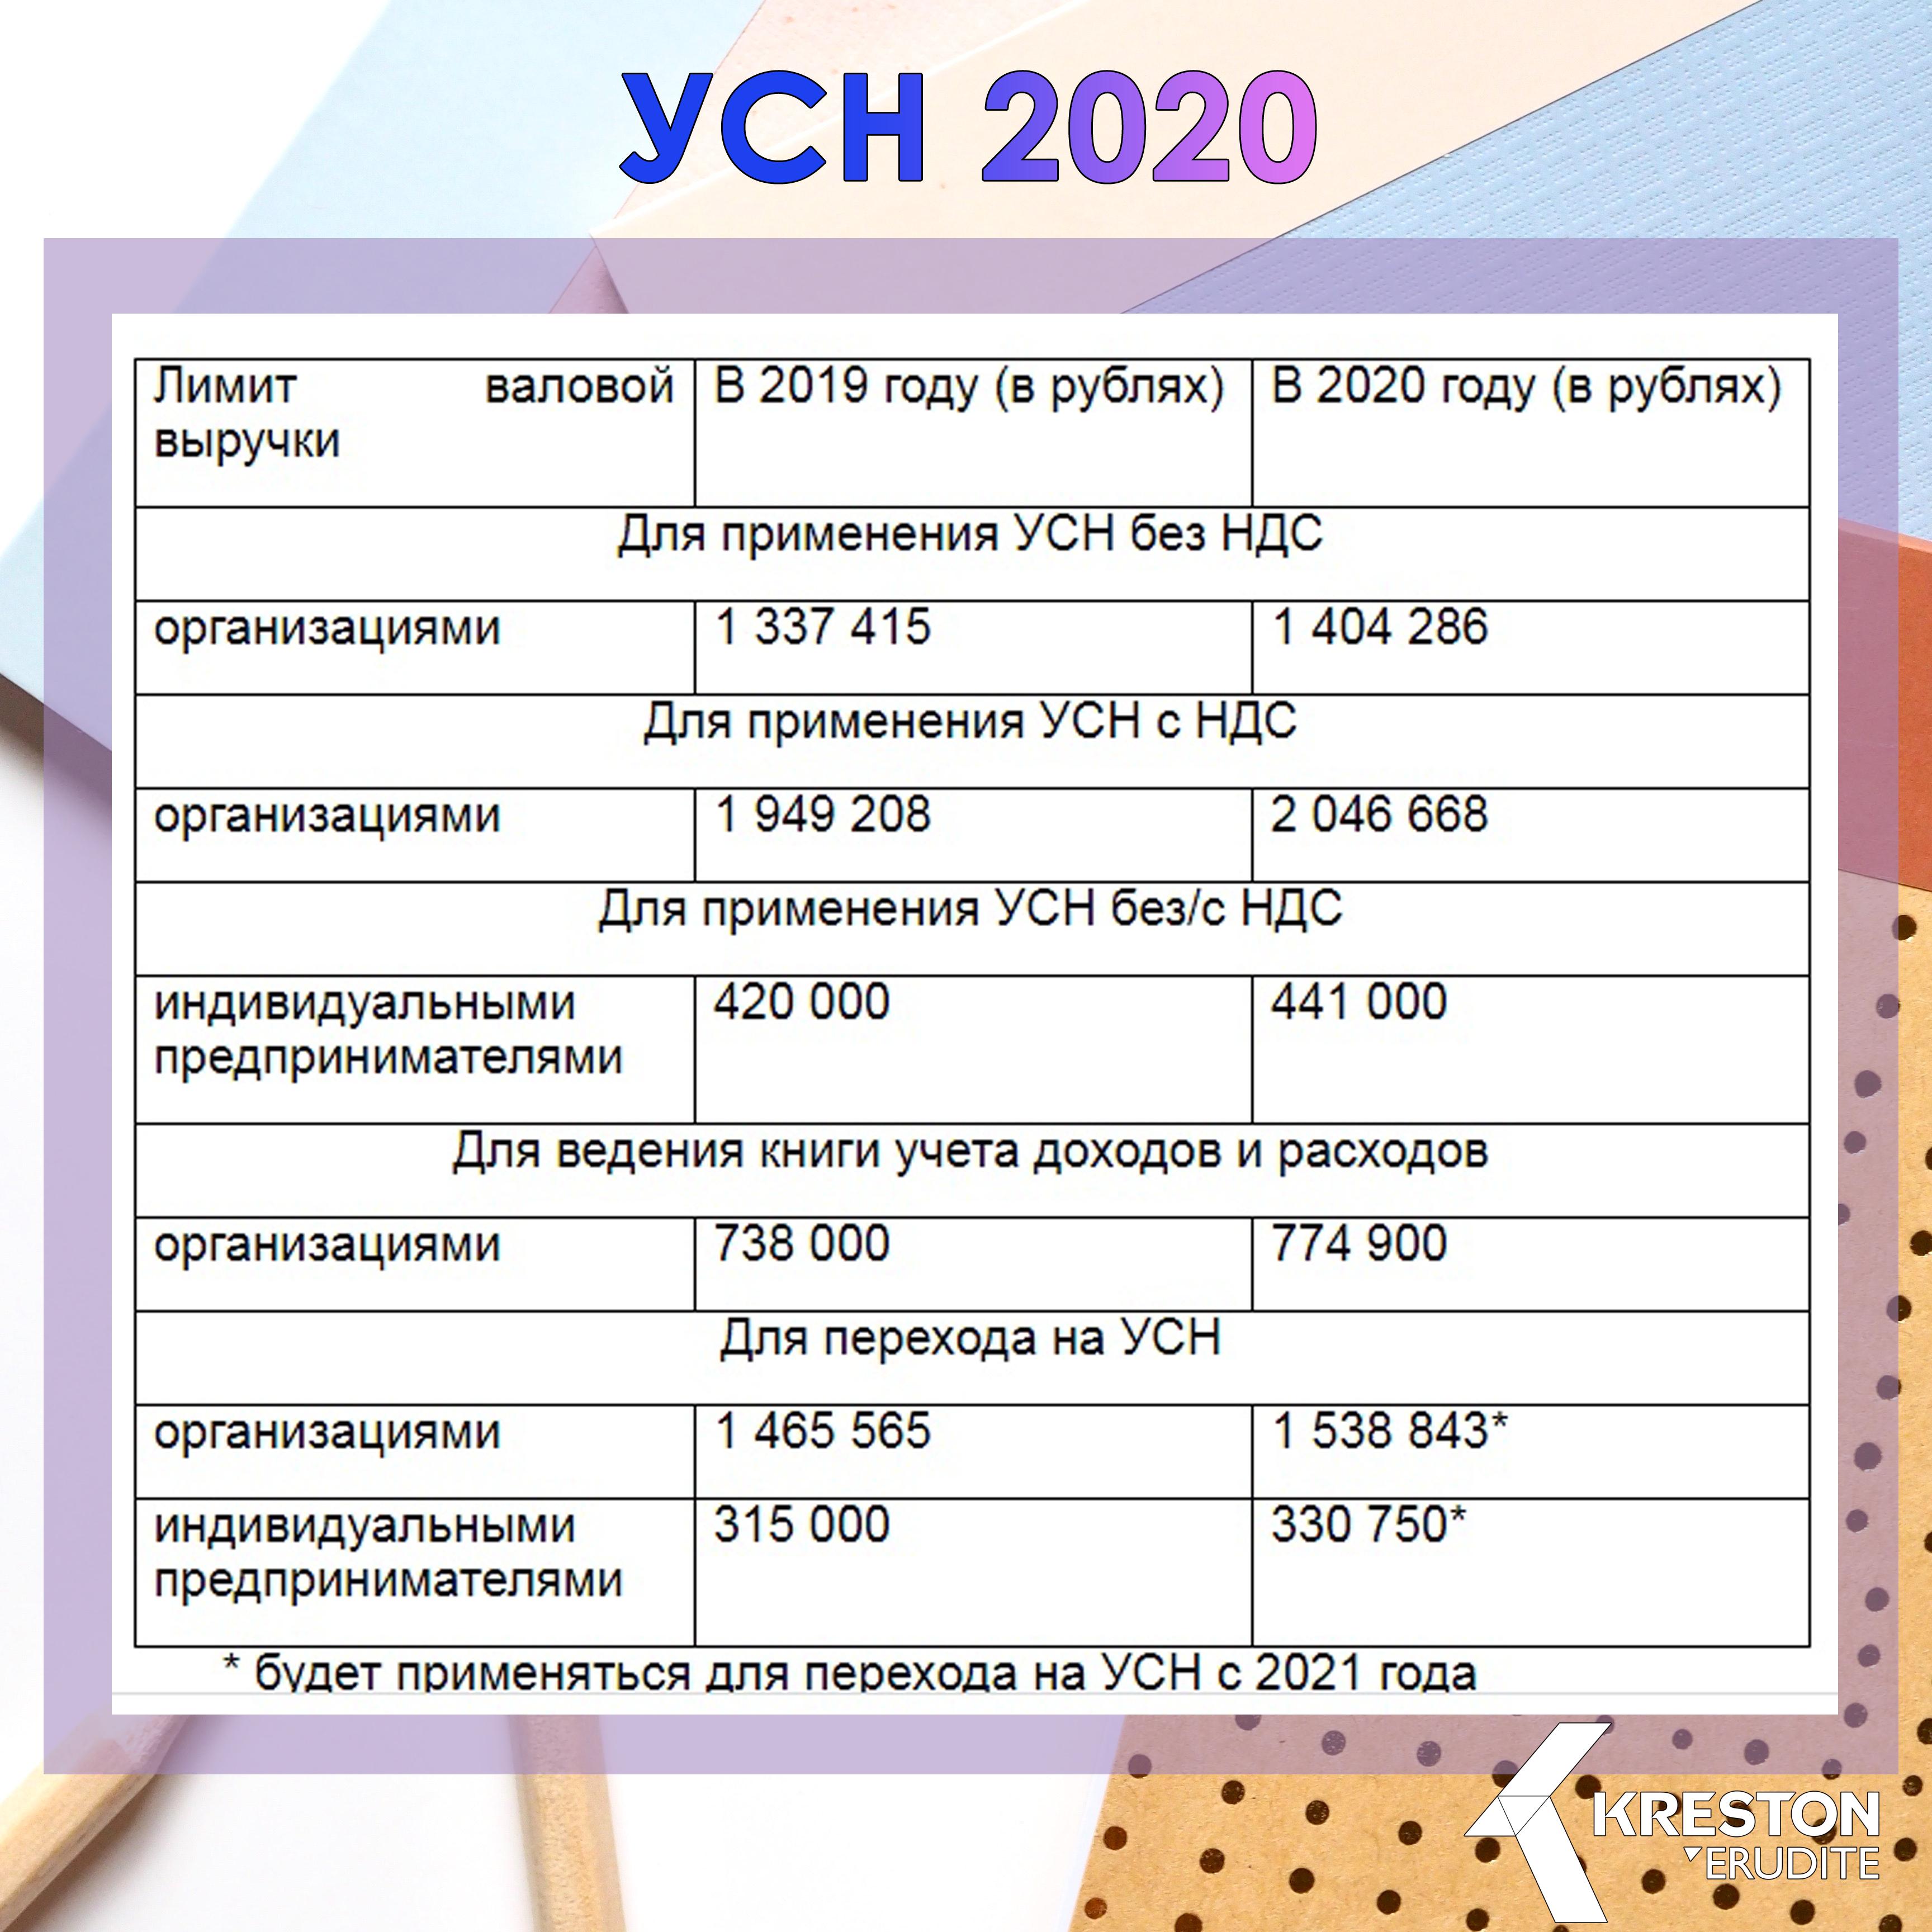 УСН - 2020